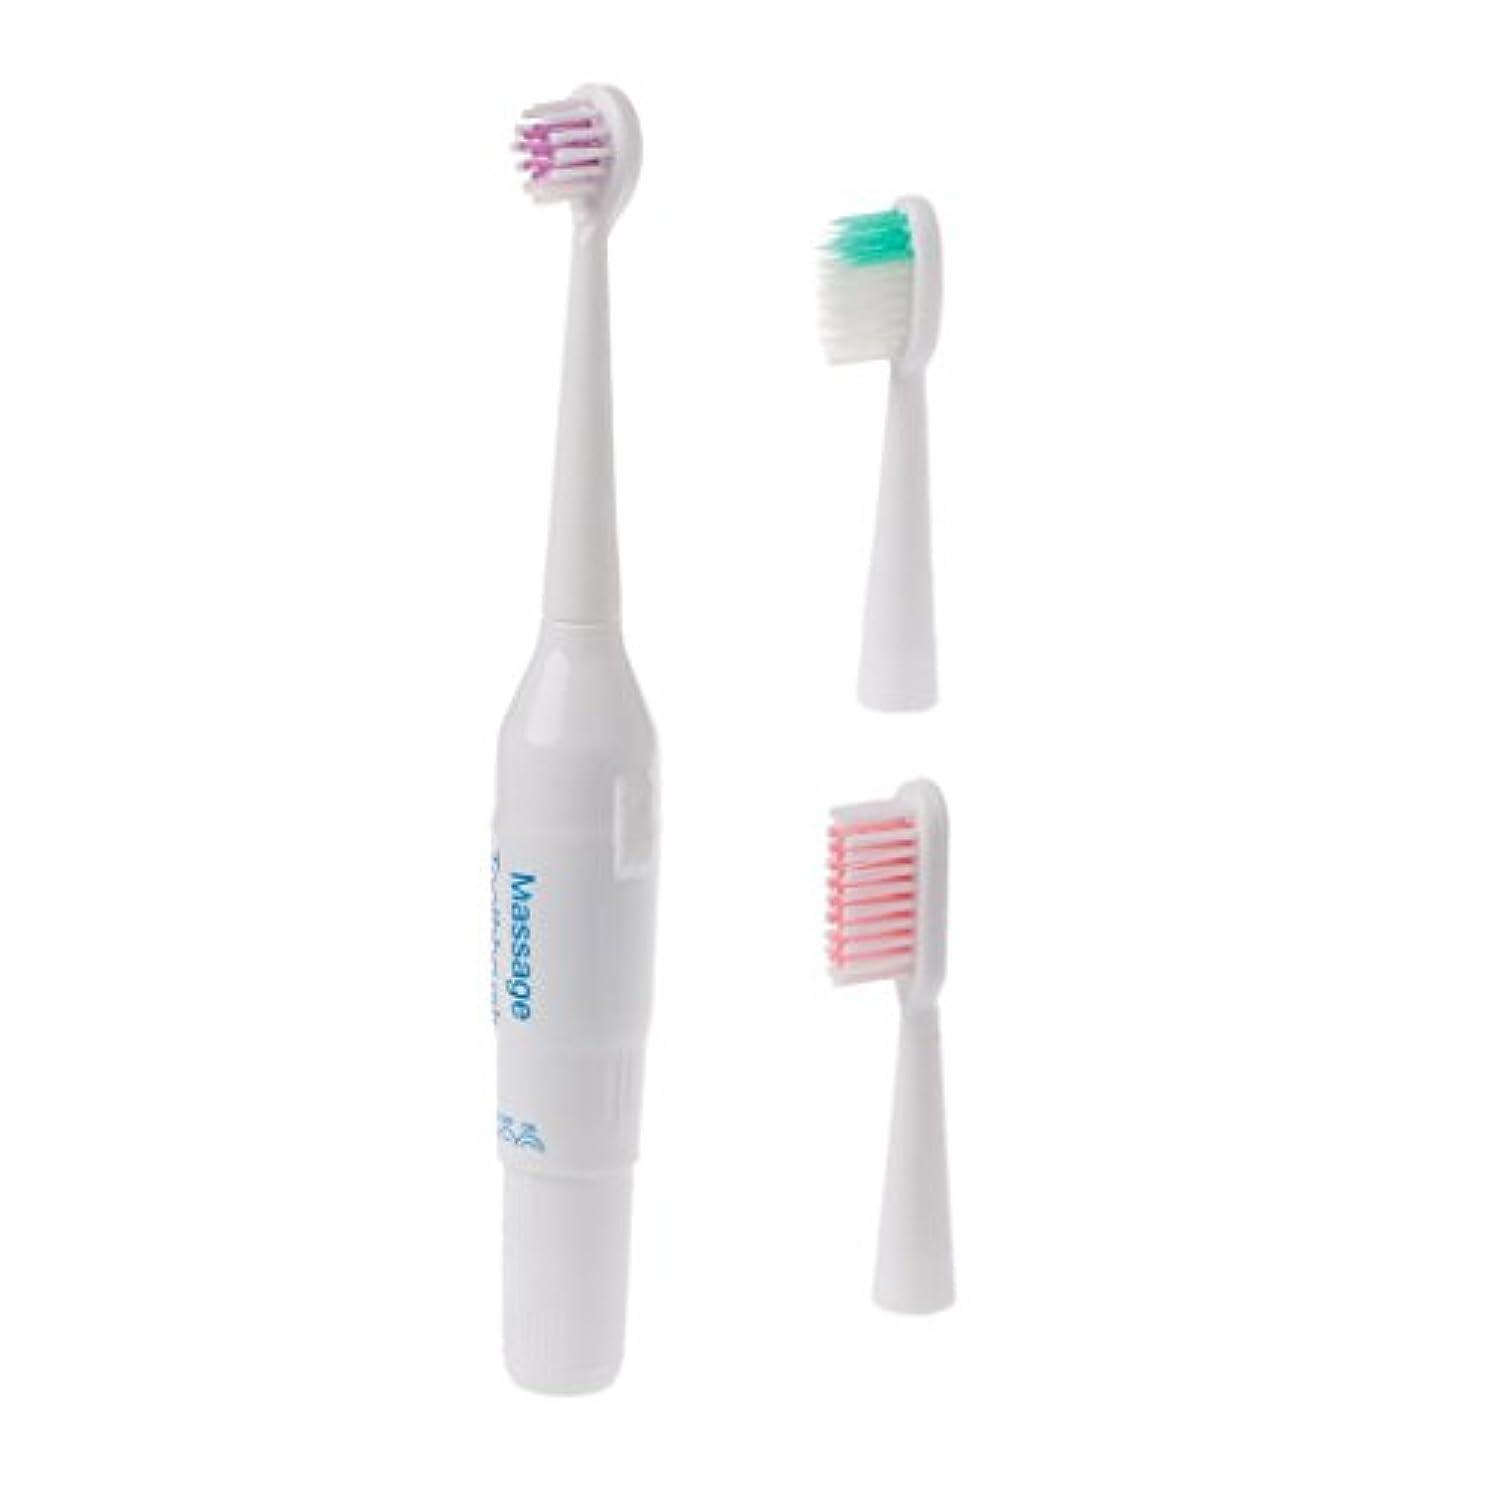 背の高い標準フィクションManyao キッズプロフェッショナル口腔ケアクリーン電気歯ブラシパワーベビー用歯ブラシ